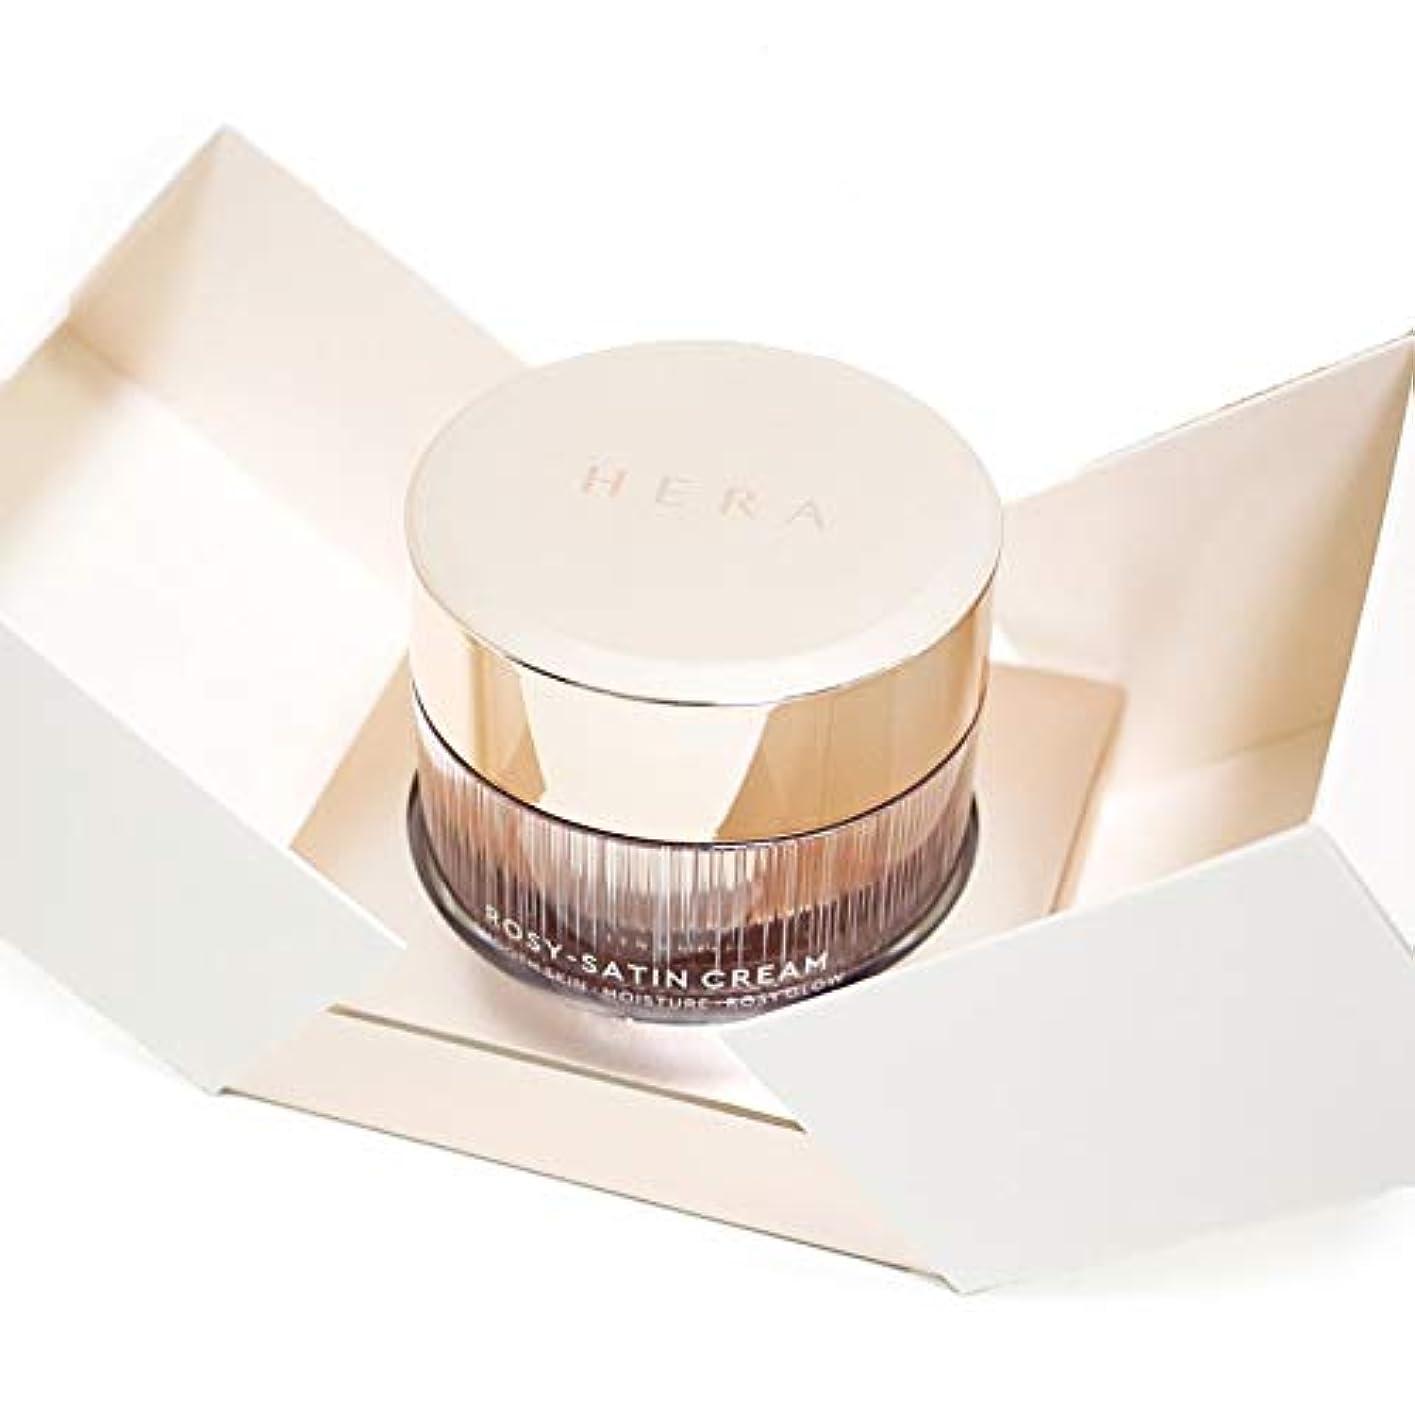 ポータル特徴づける消費する[ヘラ HERA] 新発売 ロージーサテンクリーム50ML Rosy-Satin Cream 50ml  海外直送品